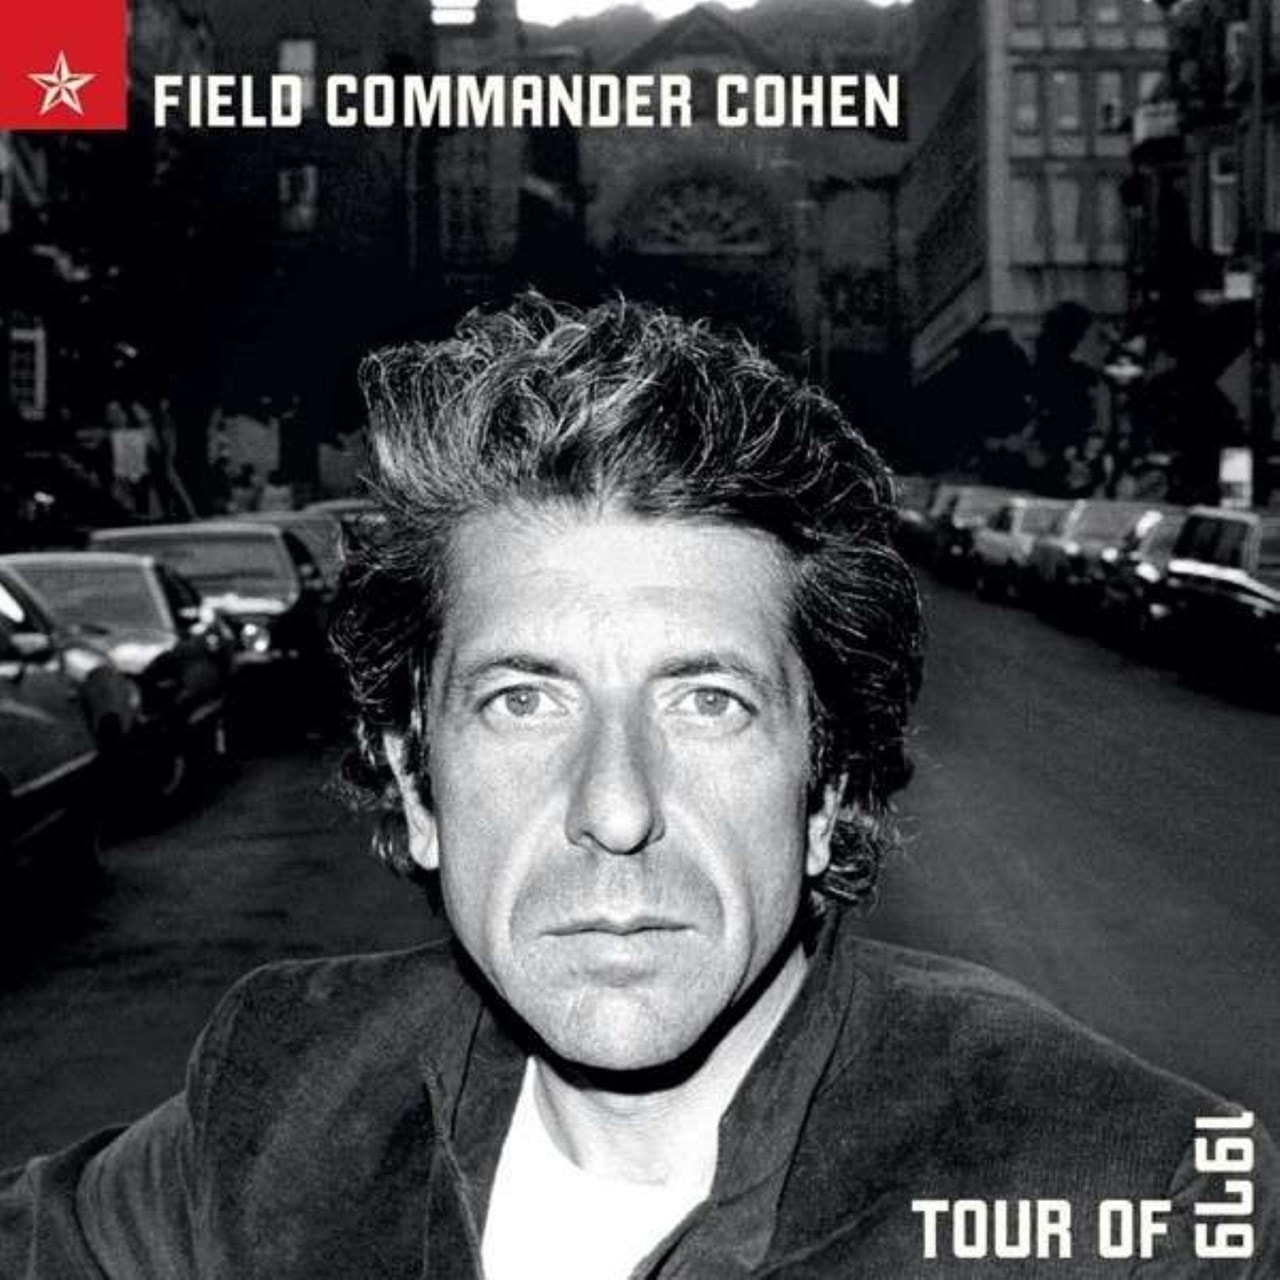 Field Commander Cohen: Tour of 1979 - 1